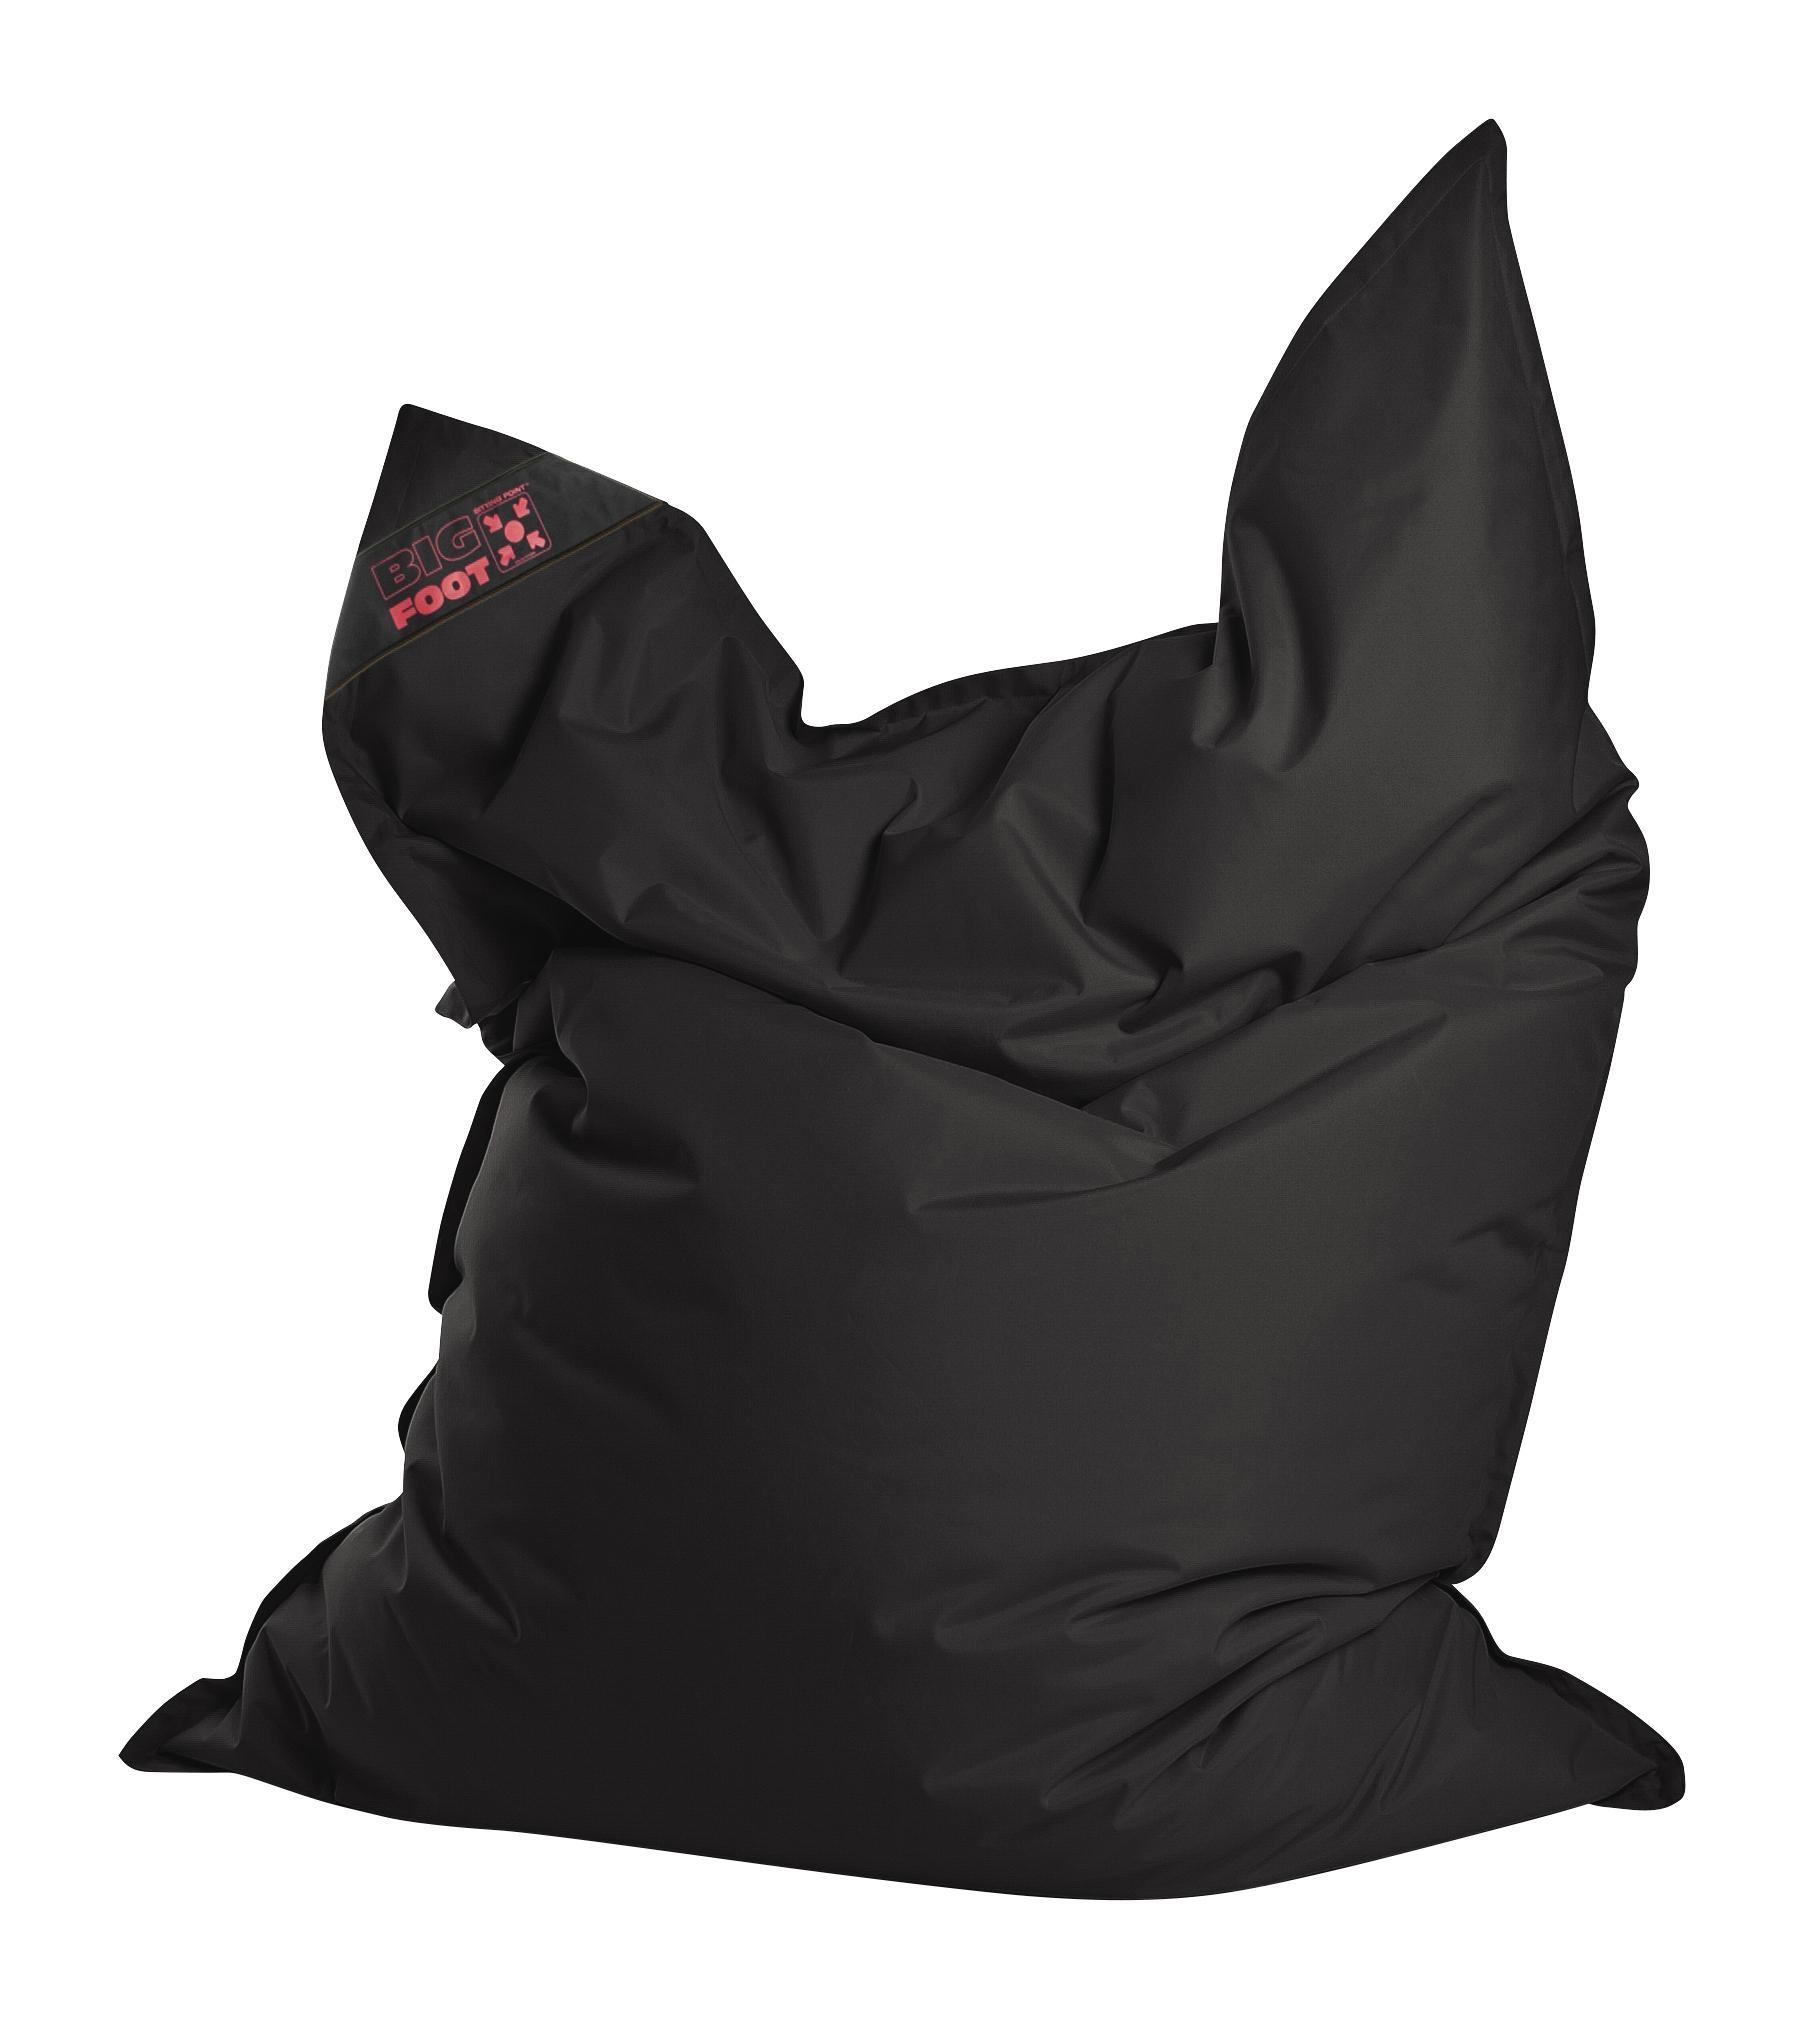 Coussin géant en polyester imperméable noir